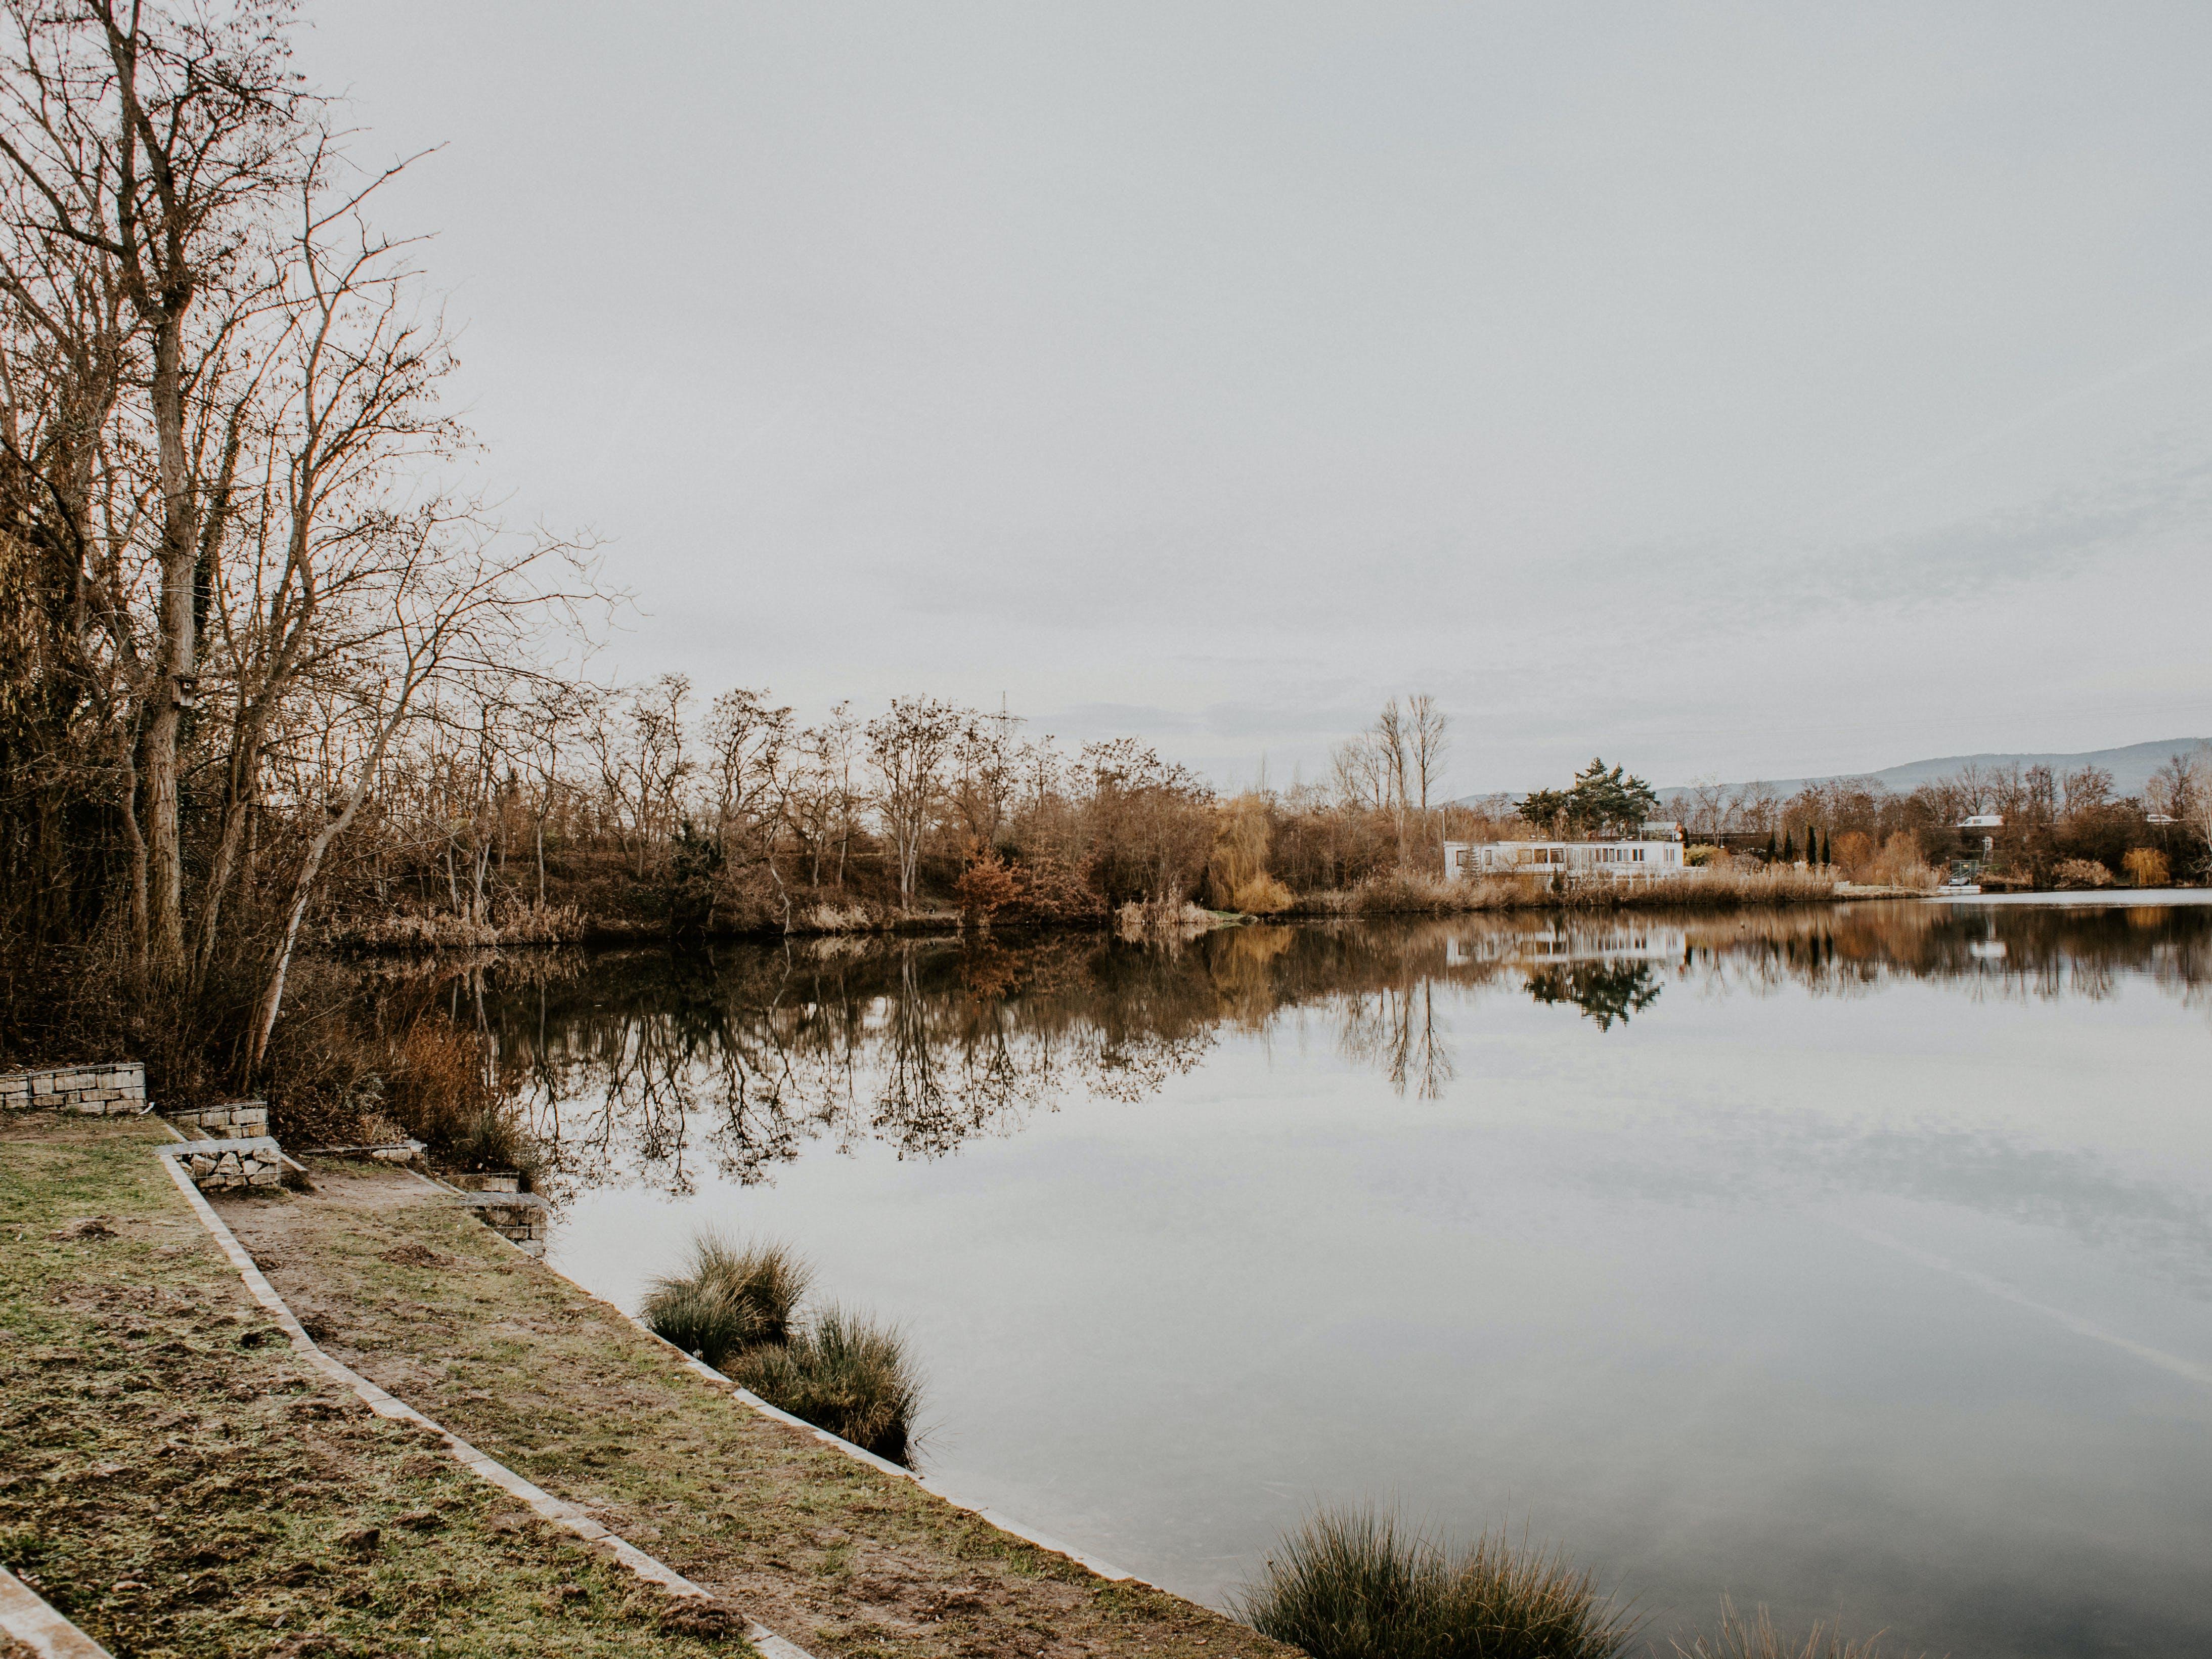 Body of Water Near Tree